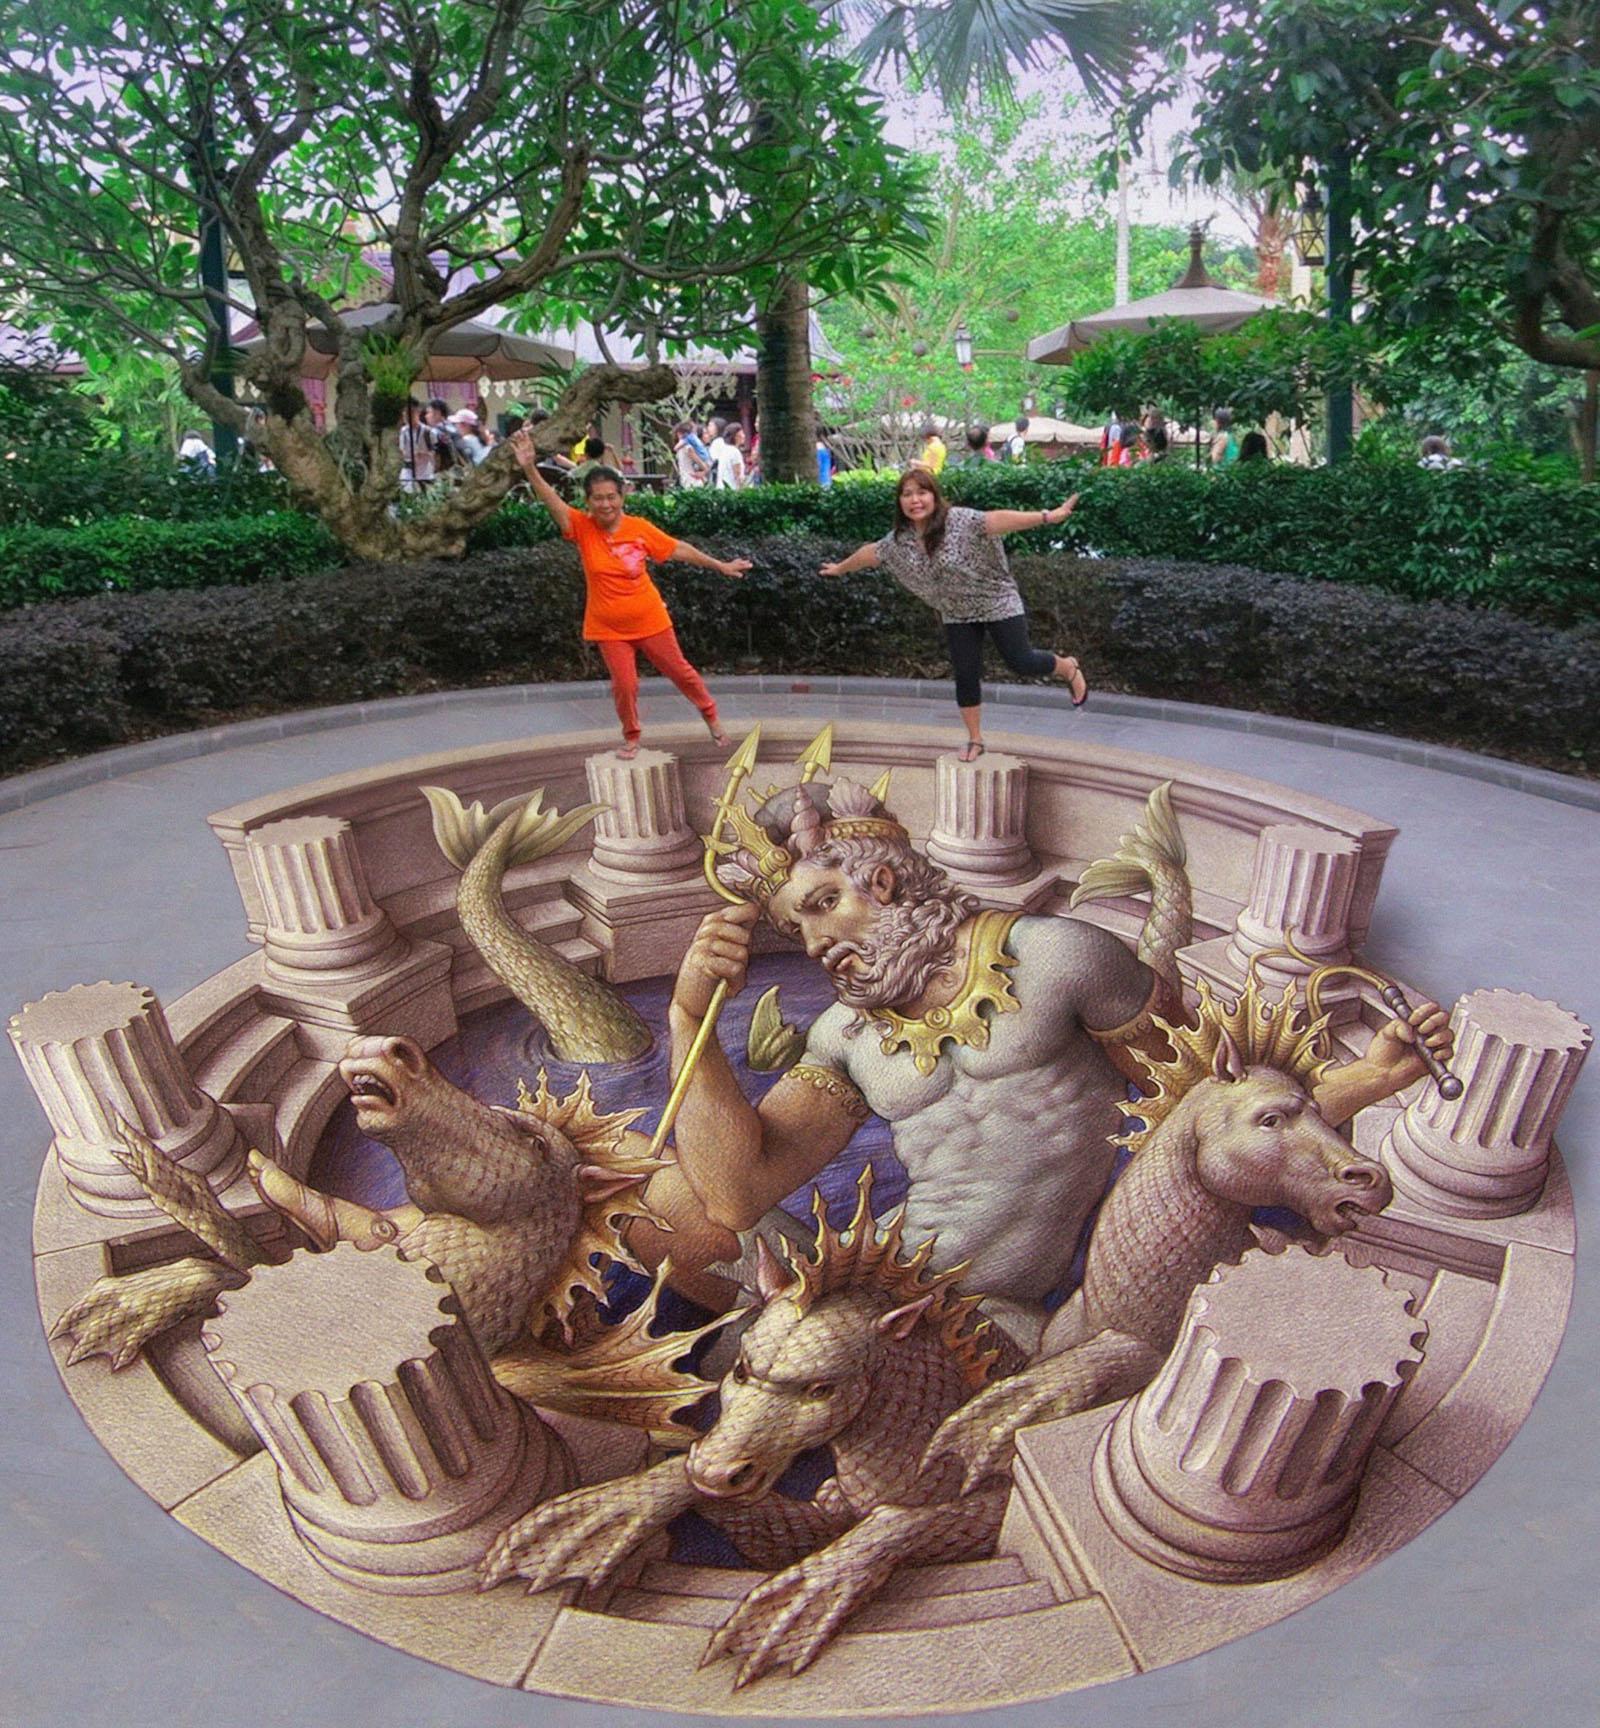 Videli ste už naživo 3D obrázky namaľované na ulici? Rozhodne stoja za to!